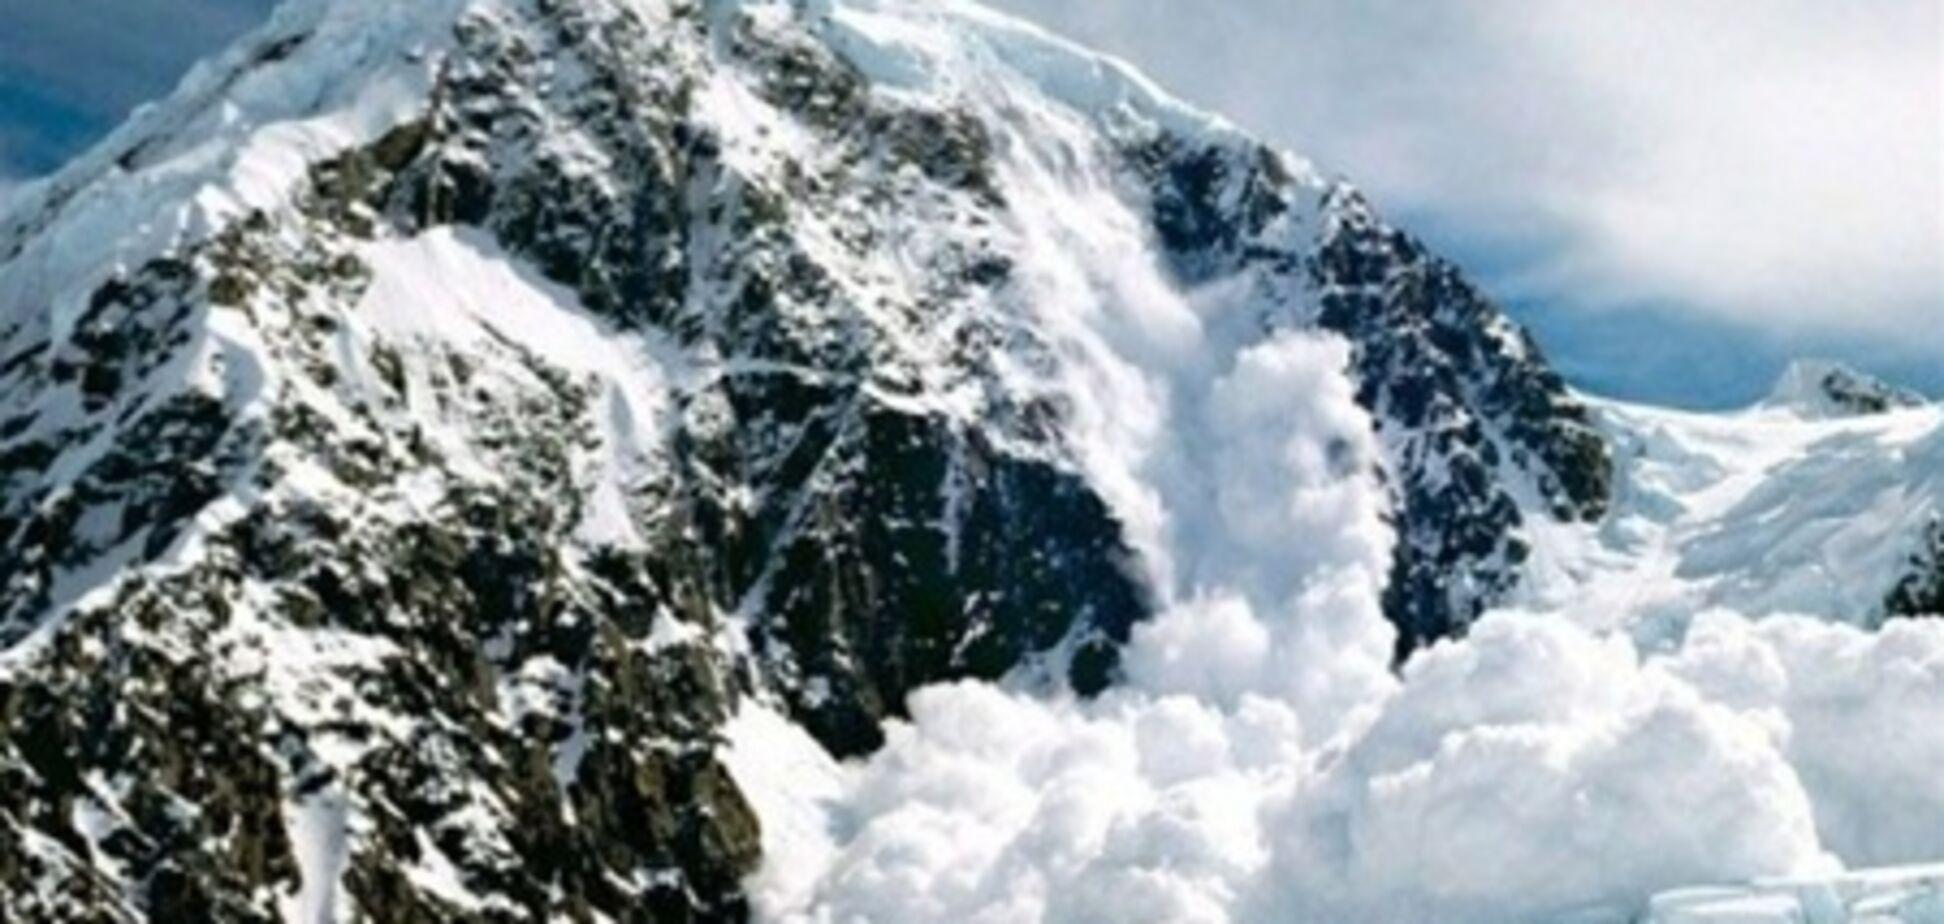 В Карпатах объявлена опасность схождения снежных лавин